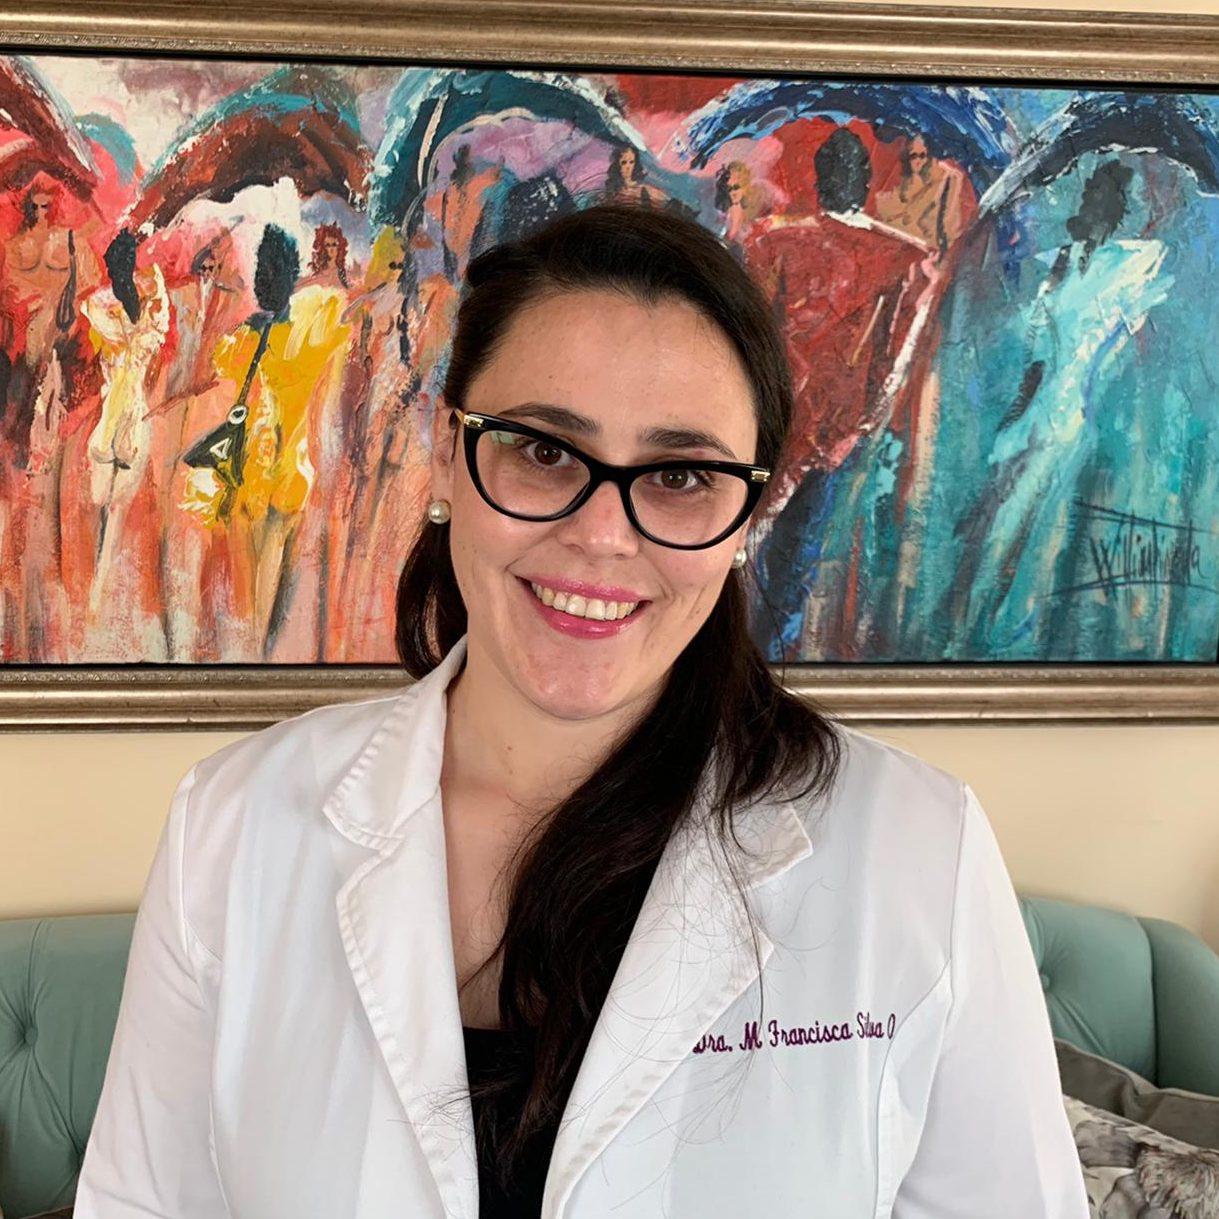 María Francisca Silva Oyarzo